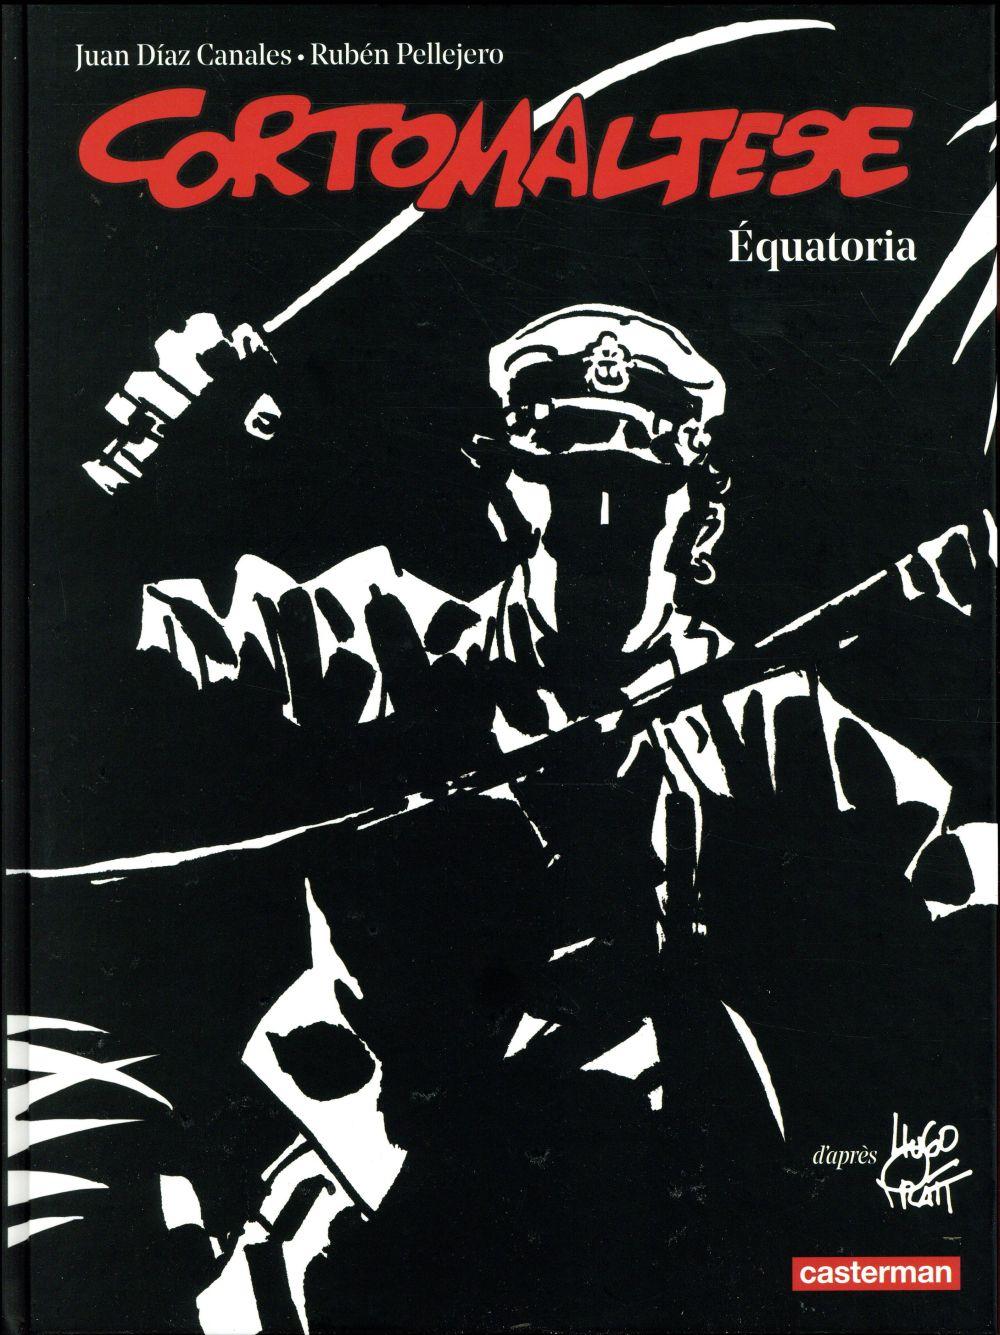 CORTO MALTESE - EQUATORIA PRATT/CANALES/BUSNEL Casterman